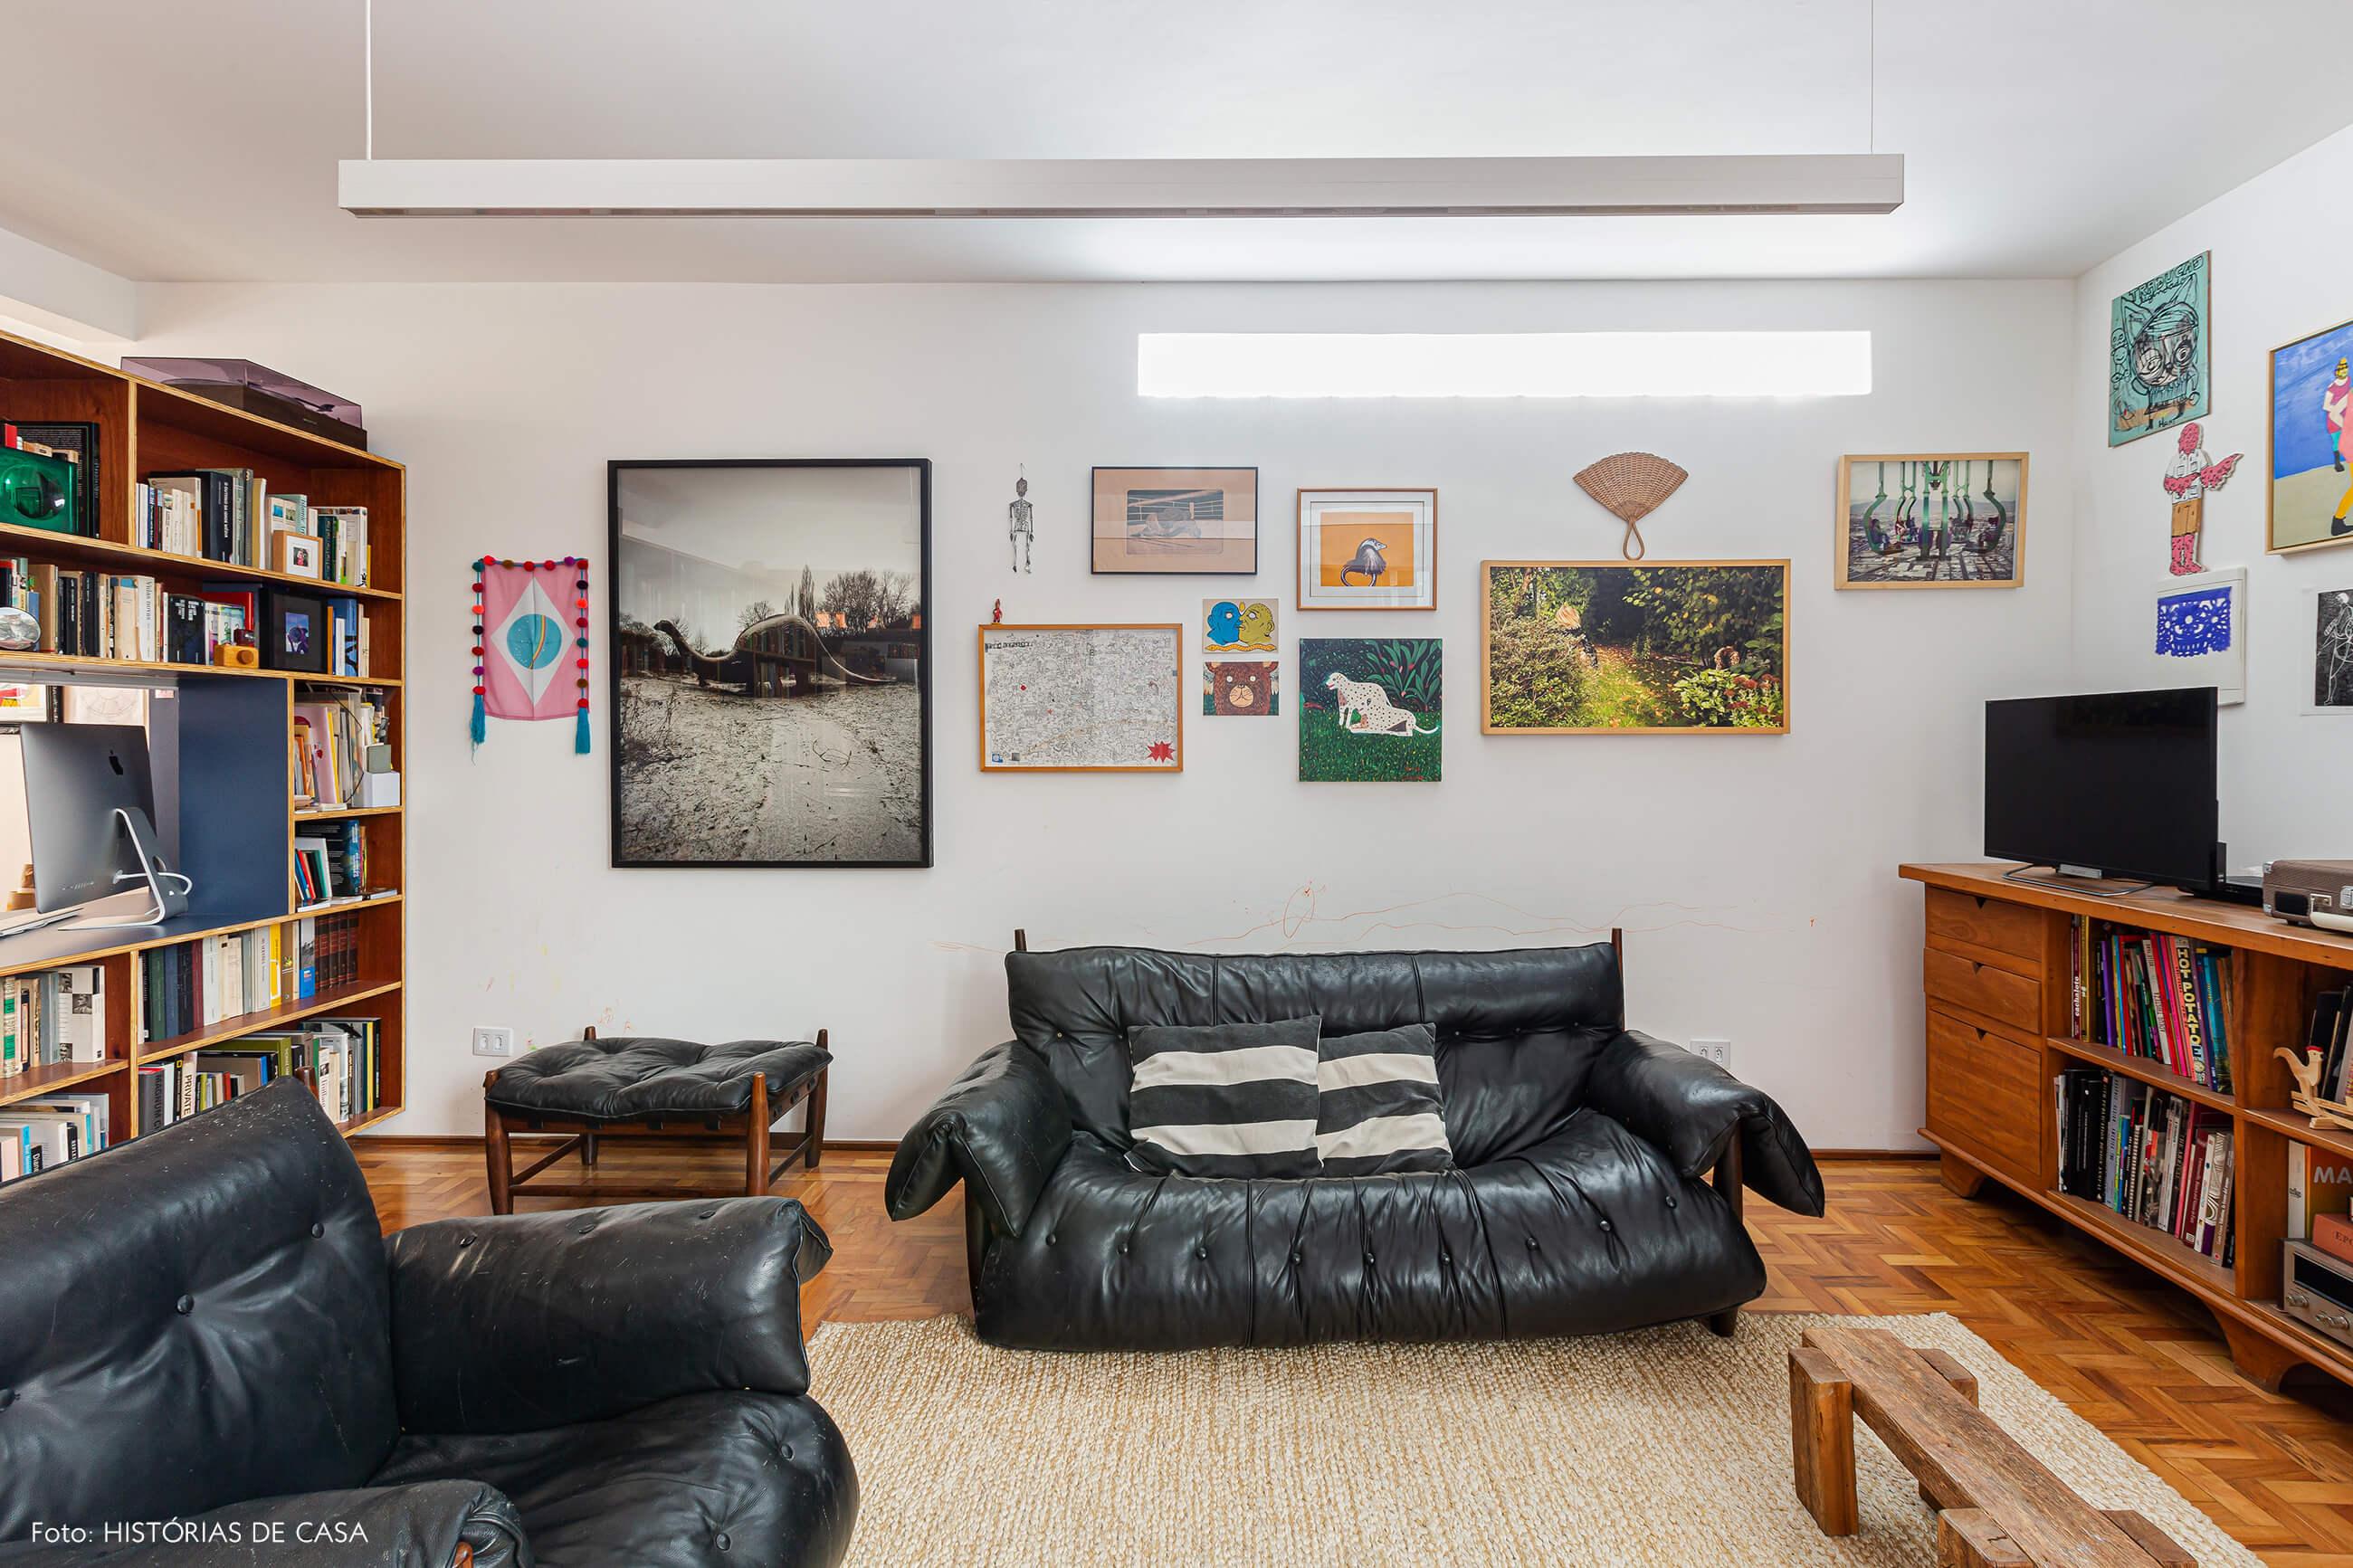 Apartamento reformado, sala com sofá de couro preto